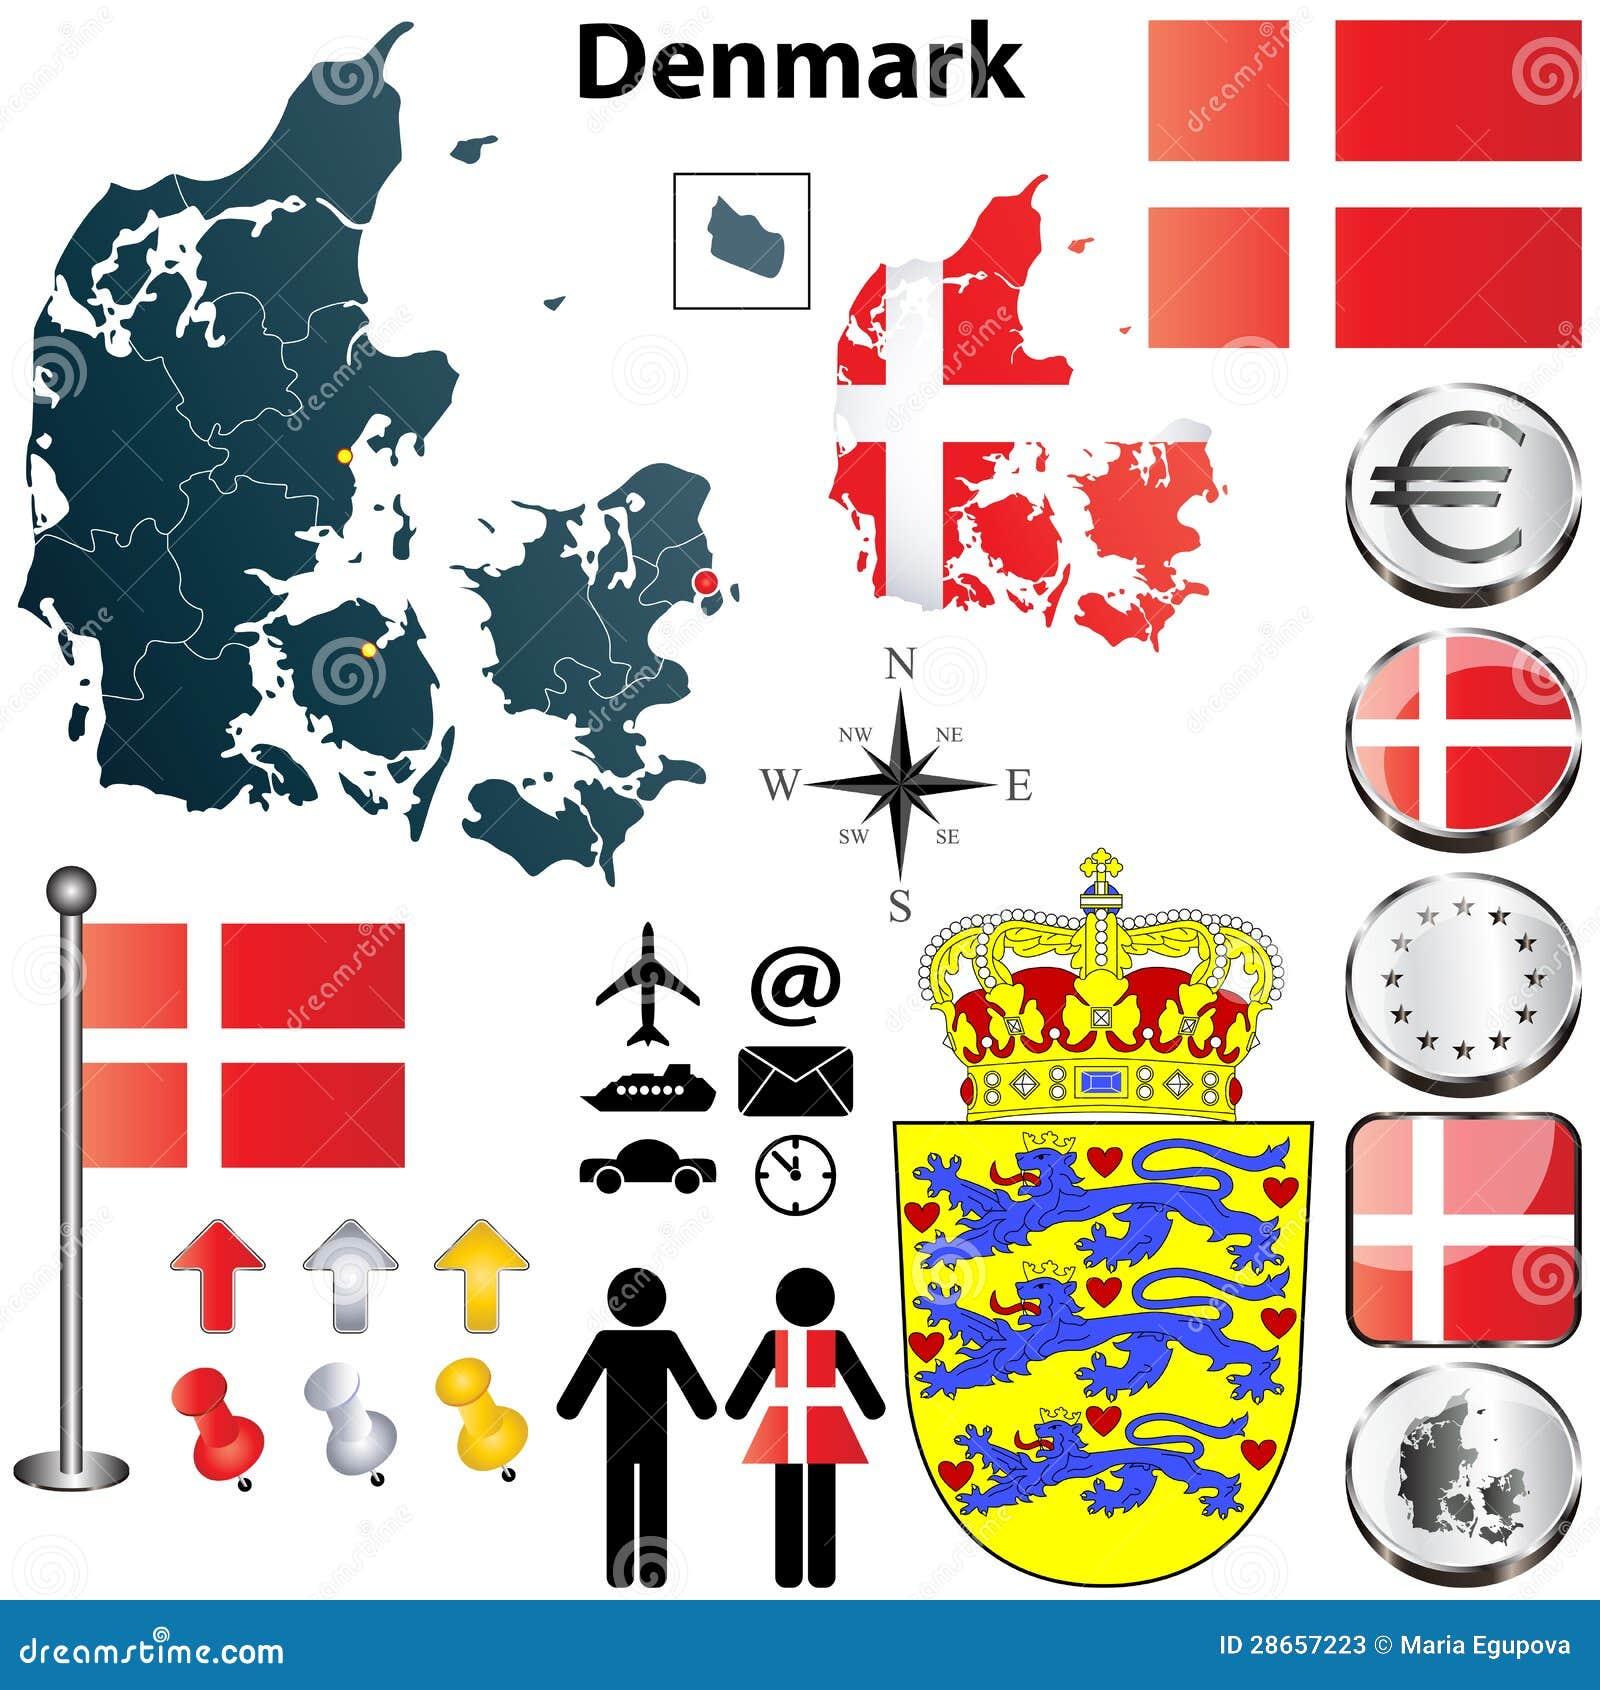 denmark map stock photos image 28657223